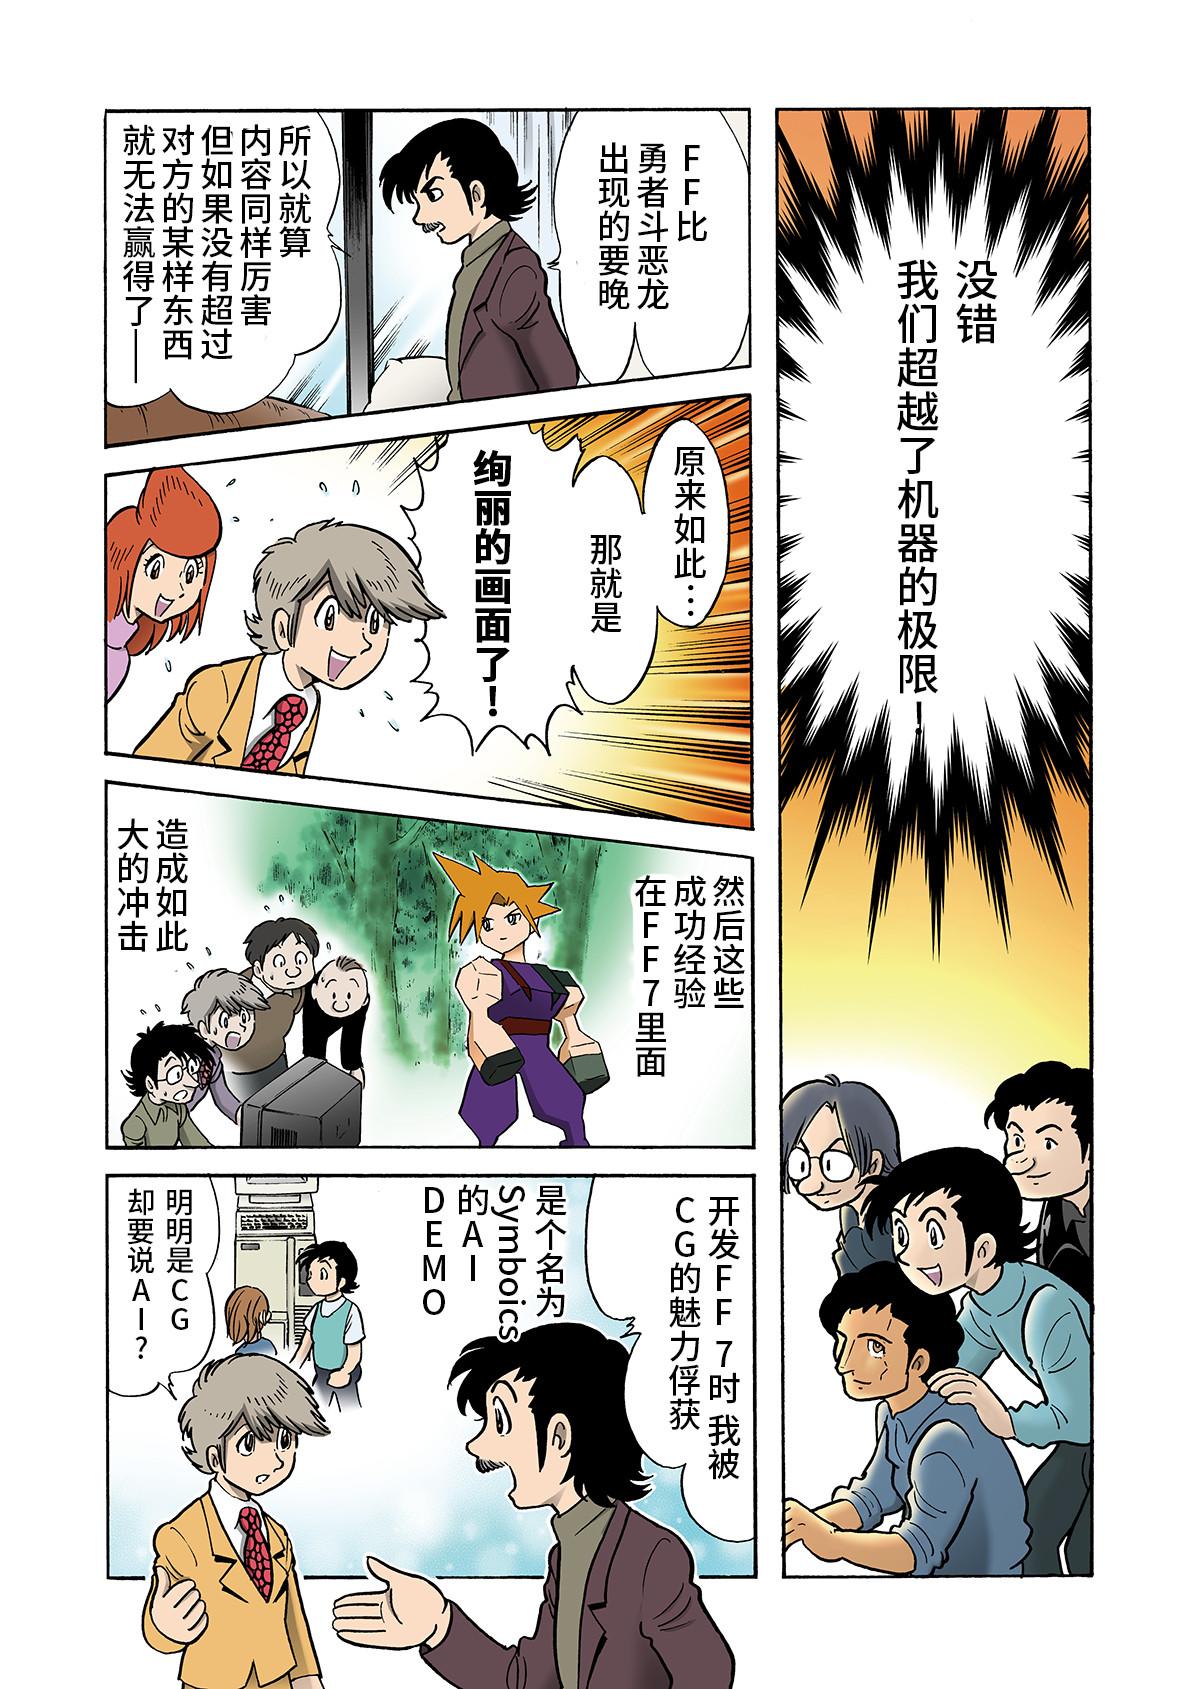 """【漫画游戏史】敢与""""龙头""""争高下,""""最终幻想""""系列的来历 ——《都是年少轻狂 ~游戏创作者的青春~》 图片10"""